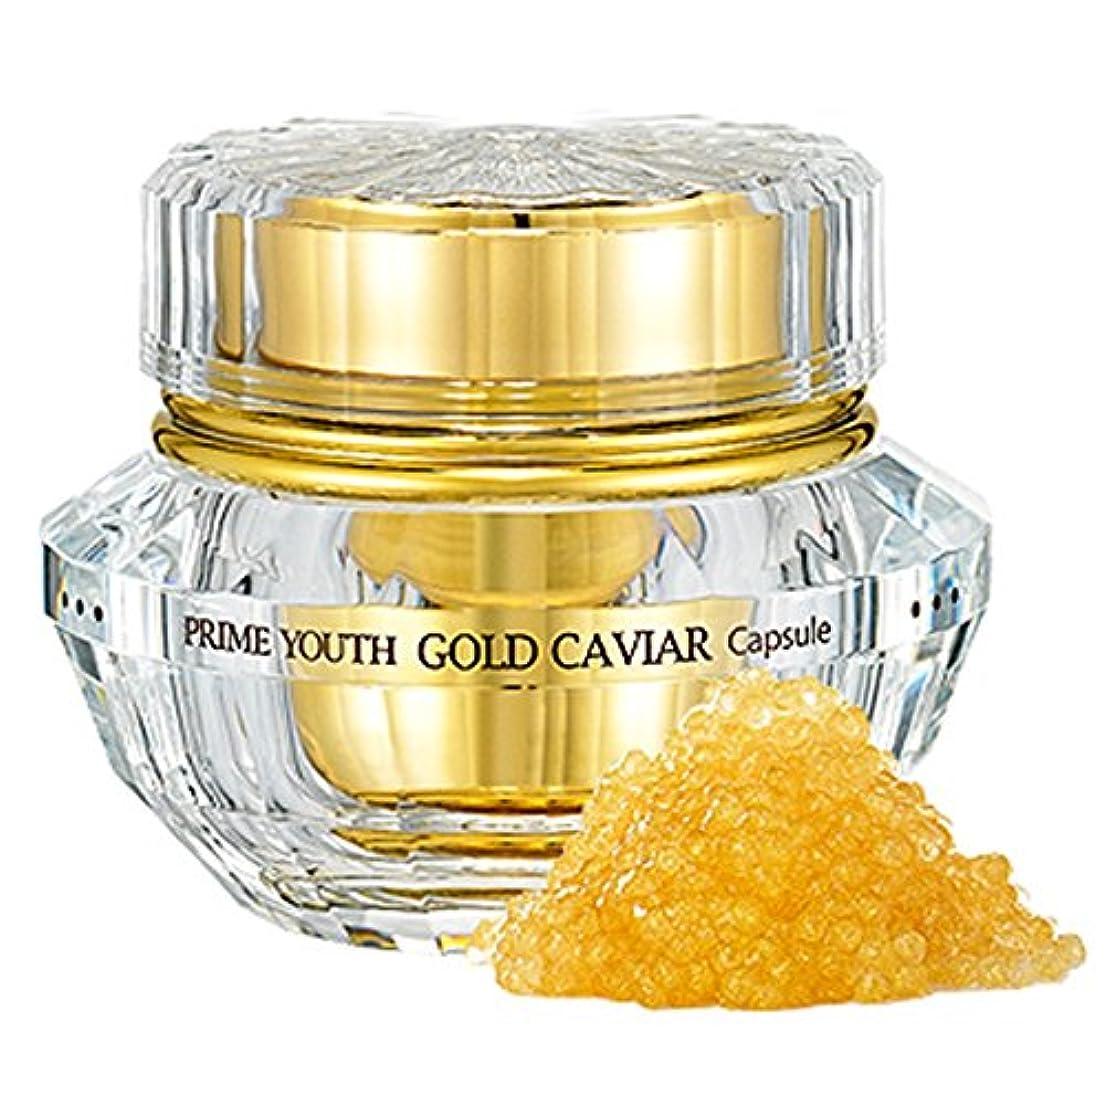 征服者憂鬱確認するプライムユースゴールドキャビアカプセルprime youth gold caviar capsule 50g 001-MI [並行輸入品]